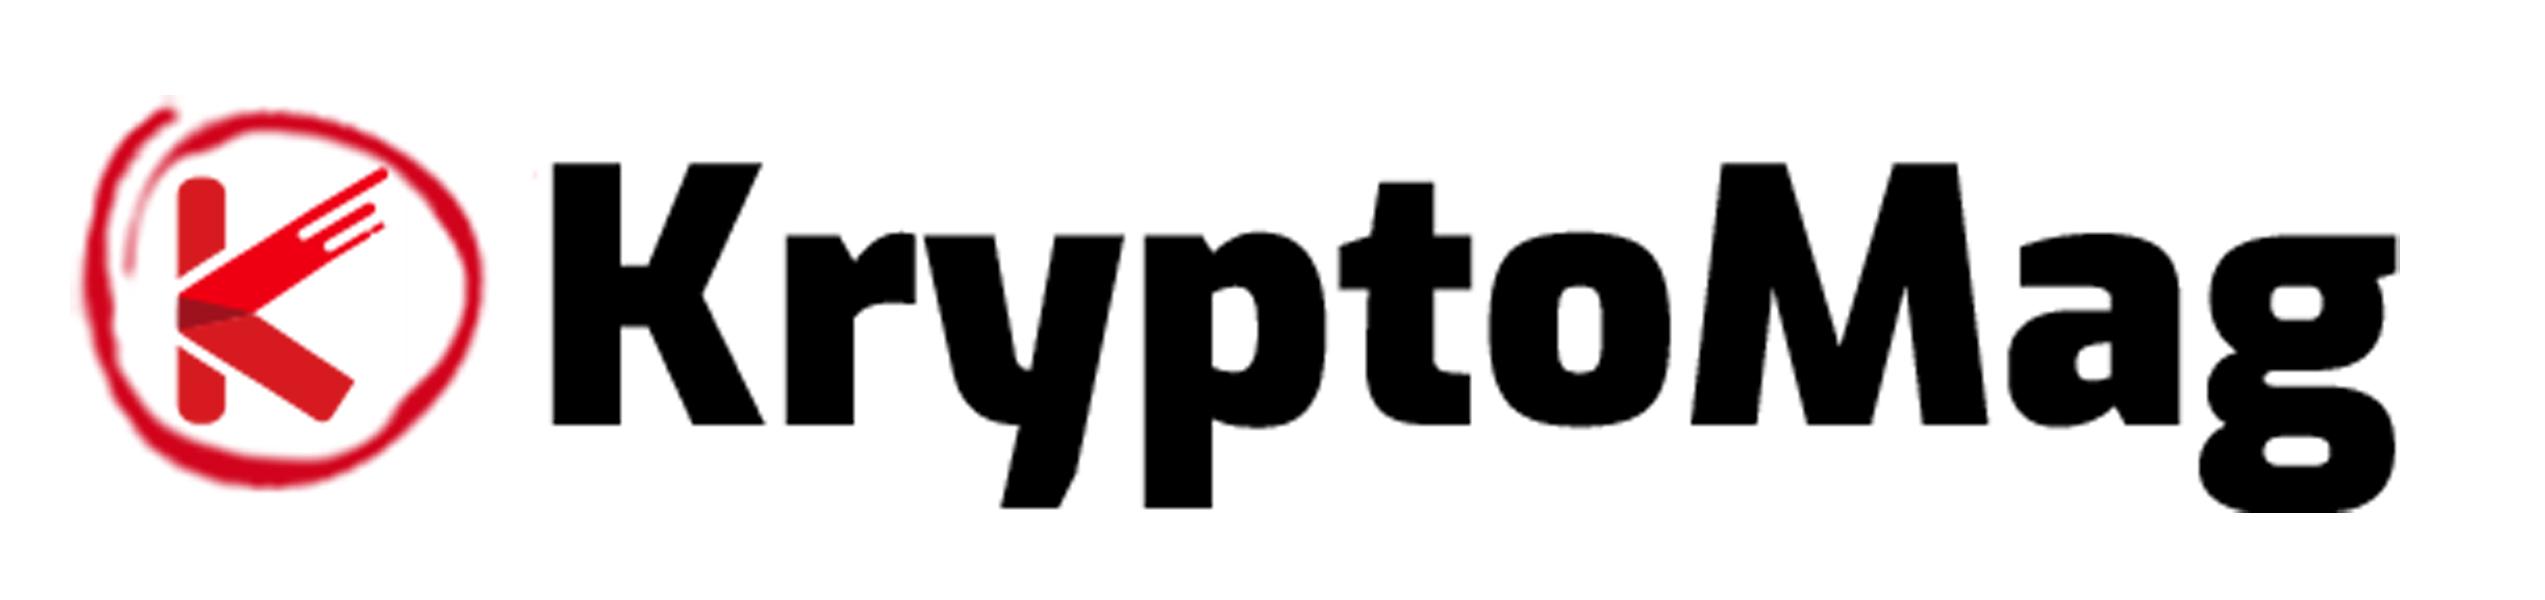 Kryptomag – Magazyn o kryptowalutach